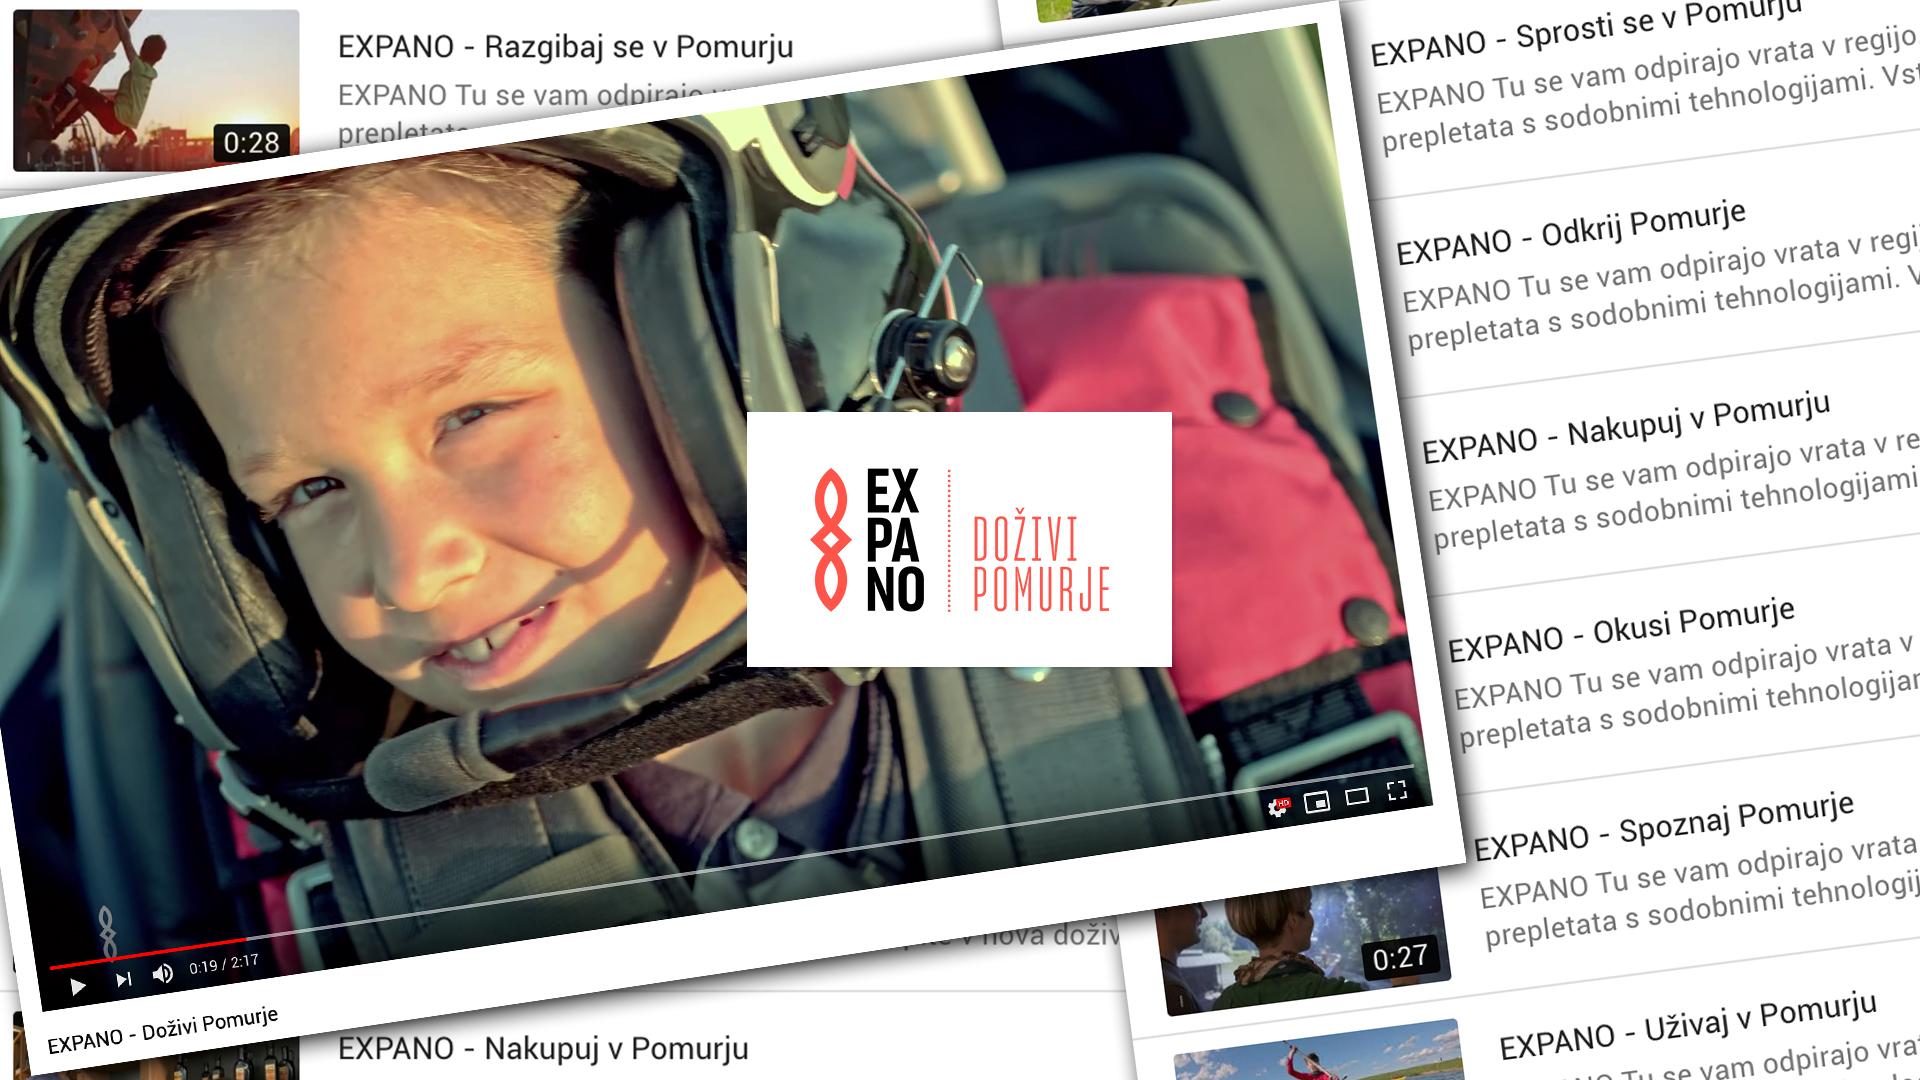 Spletna stran - reference - Expanovideo.jpg